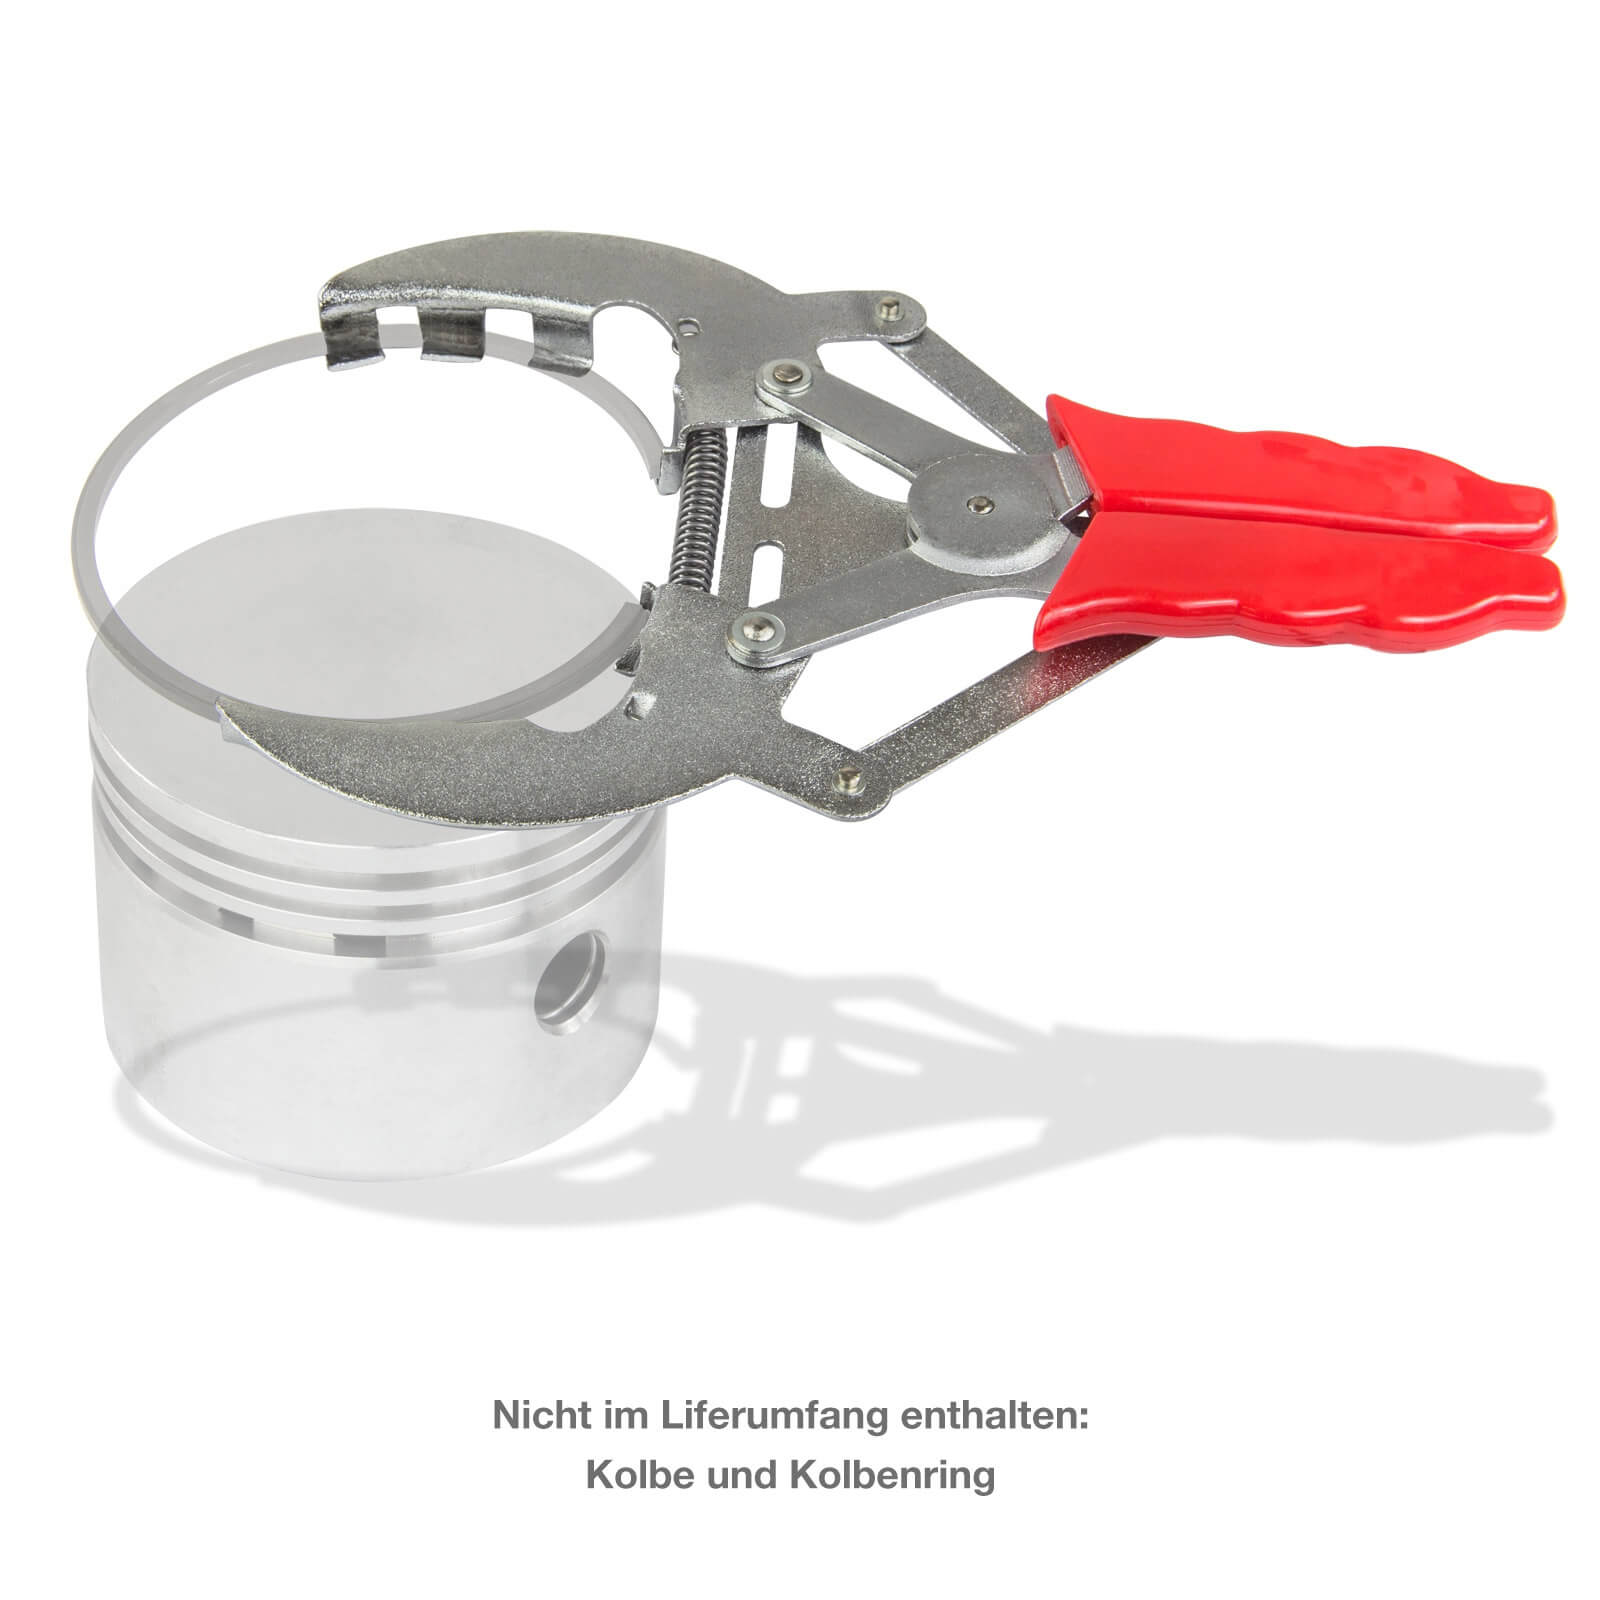 Dema Kolbenringzange 40-100 mm Kolbenringspannband 22310